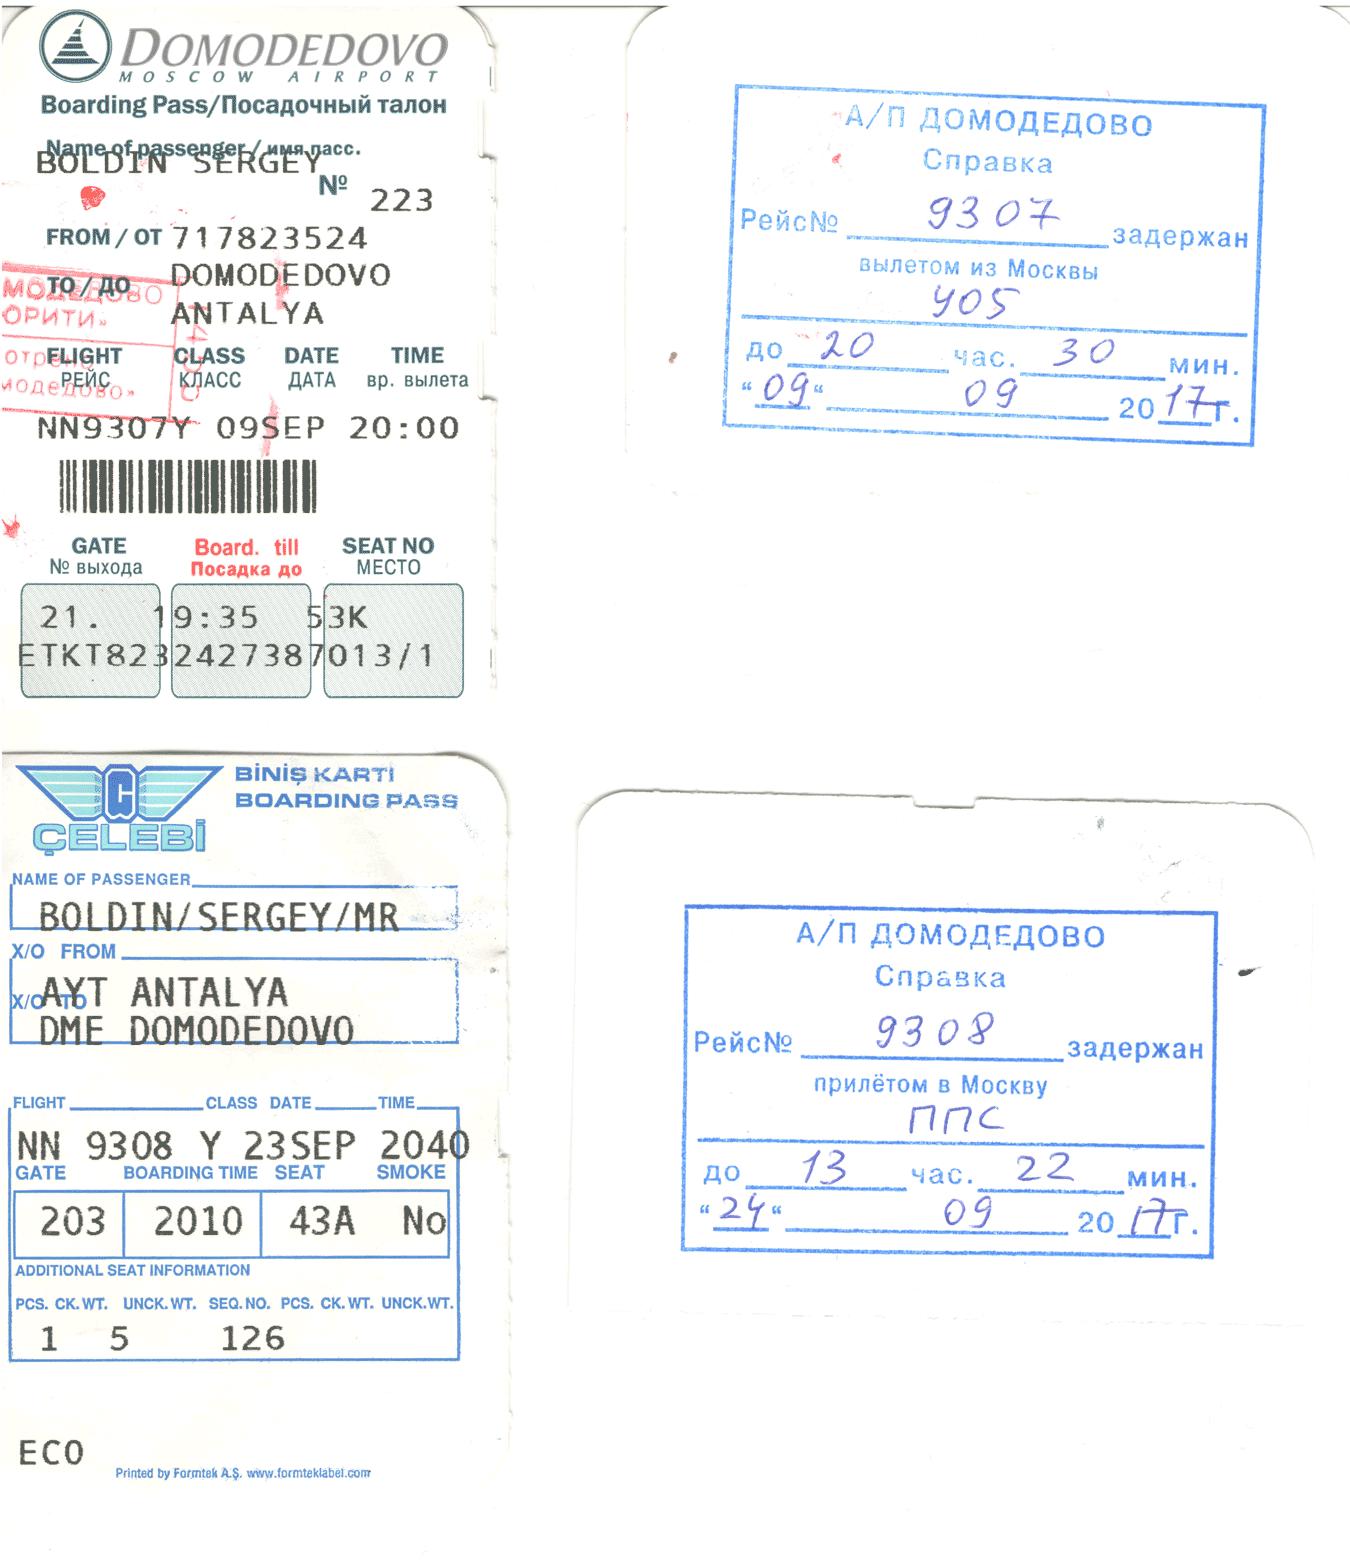 Я попросил поставить отметку на посадочных талонах всей семьи и для обоих рейсов — в Анталию и обратно